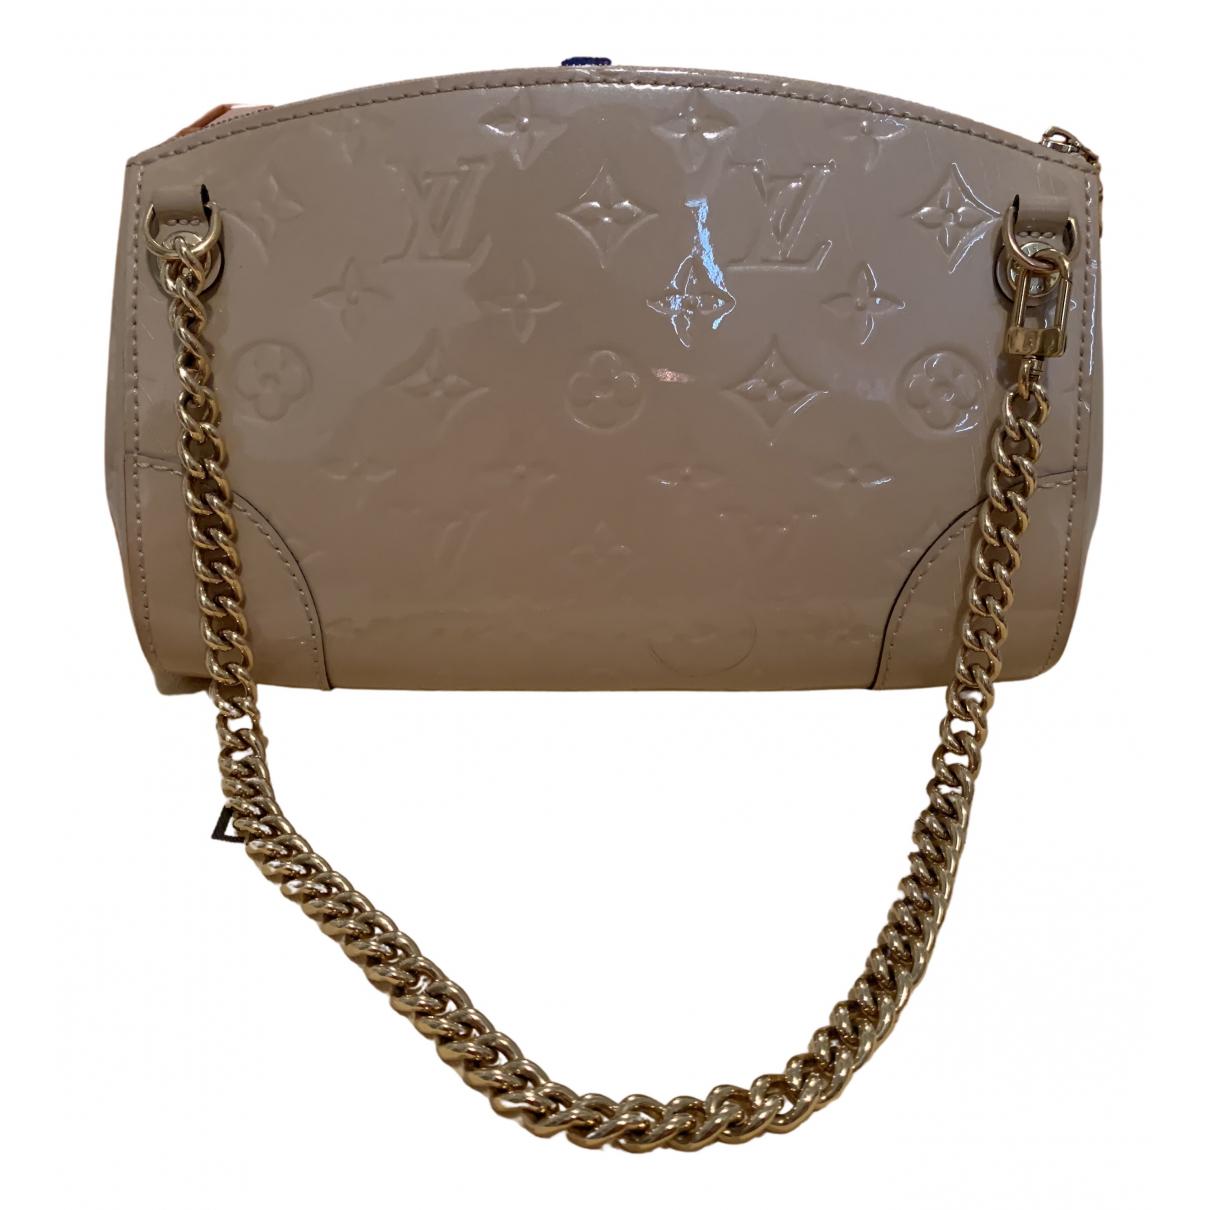 Louis Vuitton - Pochette   pour femme en cuir verni - beige